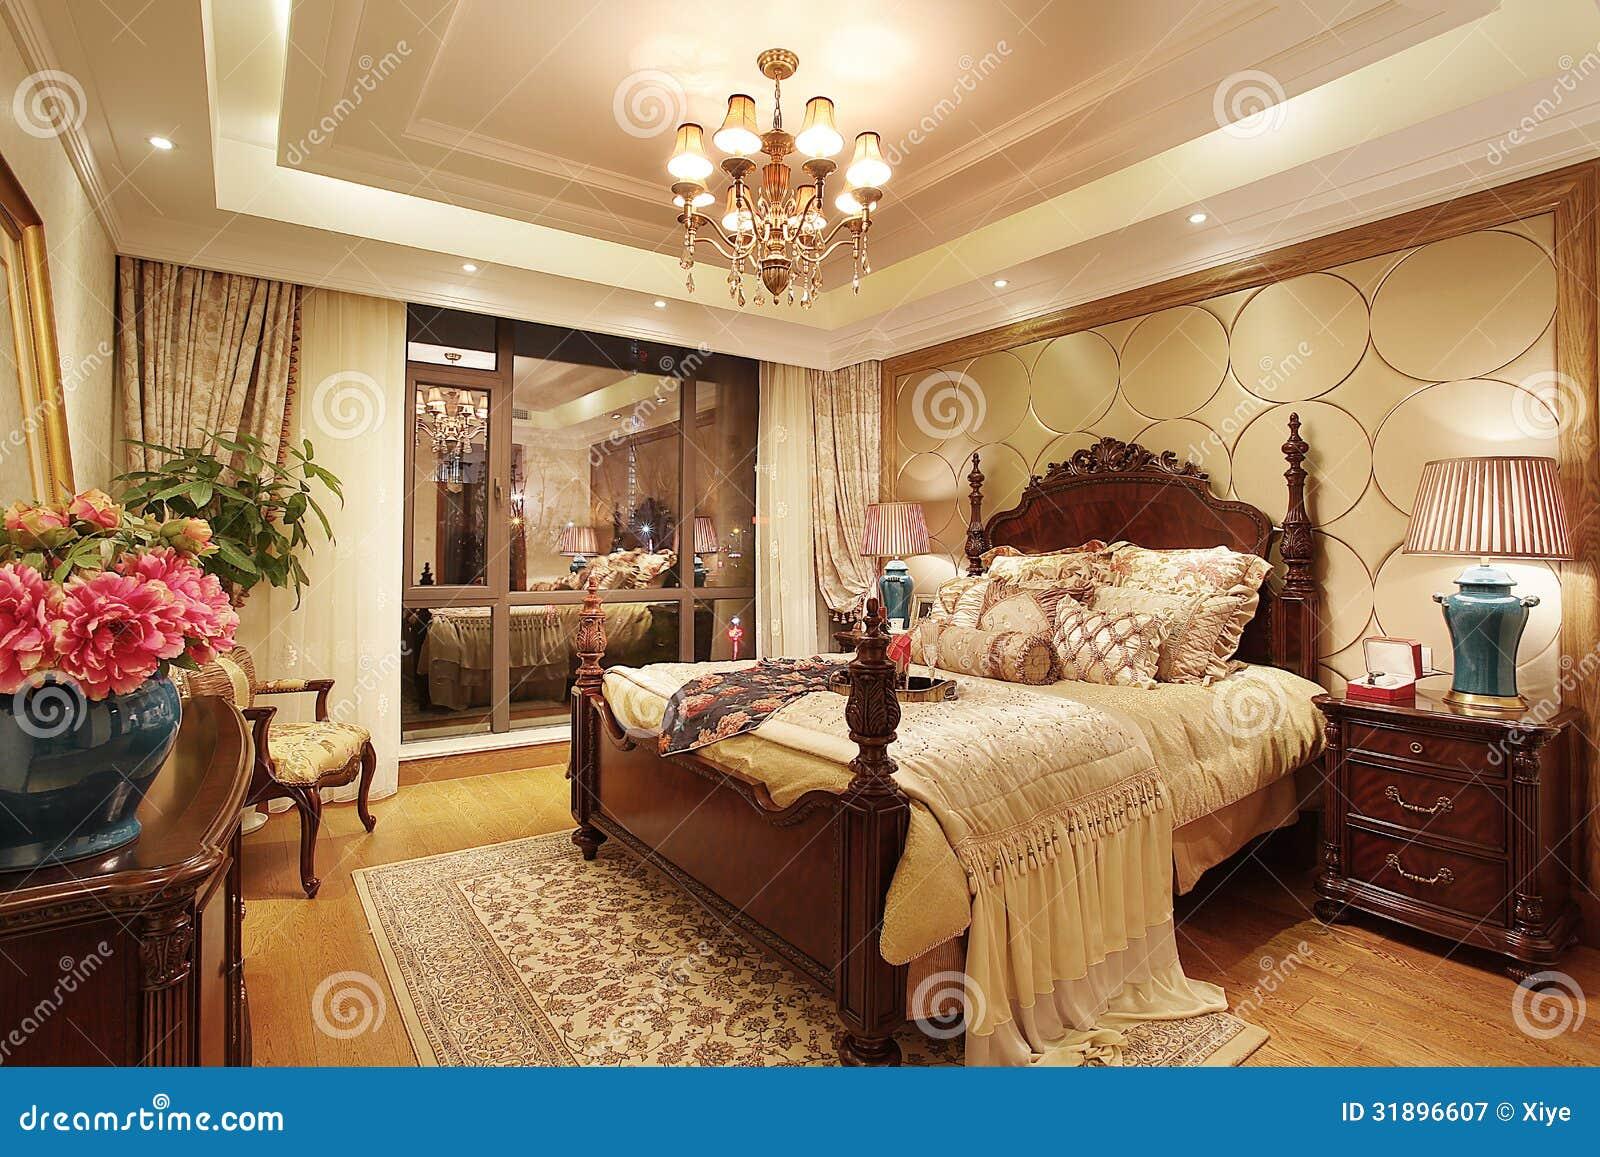 Pitturare La Camera Matrimoniale.Come Dipingere Una Camera Da Letto Classica Great Zona Notte With